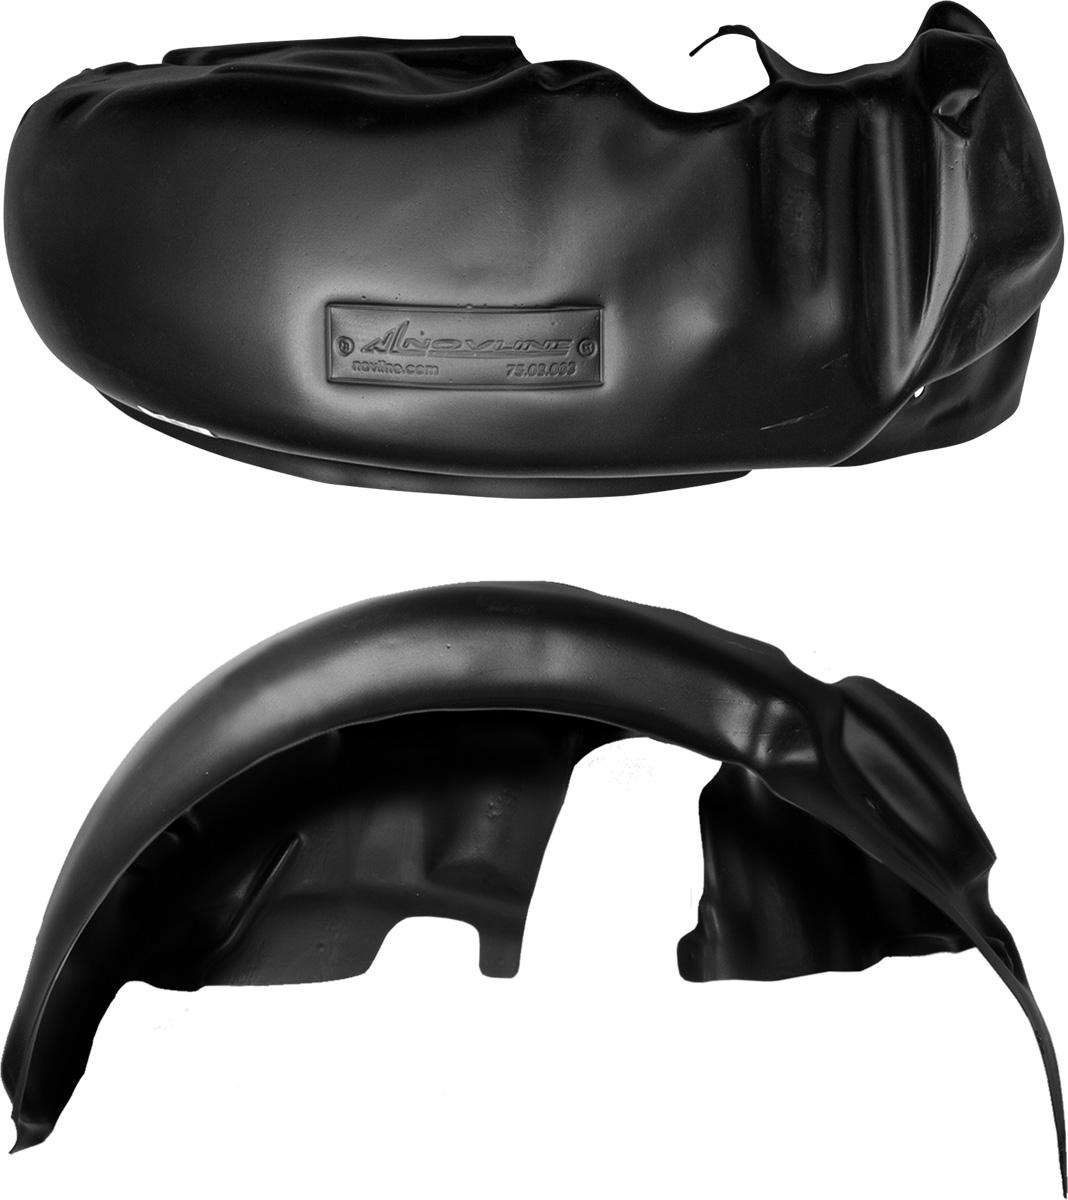 Подкрылок Novline-Autofamily, для RENAULT Logan, 2013, рестайлинг, задний правыйNLL.41.31.004Колесные ниши - одни из самых уязвимых зон днища вашего автомобиля. Они постоянно подвергаются воздействию со стороны дороги. Лучшая, почти абсолютная защита для них - специально отформованные пластиковые кожухи, которые называются подкрылками. Производятся они как для отечественных моделей автомобилей, так и для иномарок. Подкрылки Novline-Autofamily выполнены из высококачественного, экологически чистого пластика. Обеспечивают надежную защиту кузова автомобиля от пескоструйного эффекта и негативного влияния, агрессивных антигололедных реагентов. Пластик обладает более низкой теплопроводностью, чем металл, поэтому в зимний период эксплуатации использование пластиковых подкрылков позволяет лучше защитить колесные ниши от налипания снега и образования наледи. Оригинальность конструкции подчеркивает элегантность автомобиля, бережно защищает нанесенное на днище кузова антикоррозийное покрытие и позволяет осуществить крепление подкрылков внутри колесной арки практически без дополнительного крепежа и сверления, не нарушая при этом лакокрасочного покрытия, что предотвращает возникновение новых очагов коррозии. Подкрылки долговечны, обладают высокой прочностью и сохраняют заданную форму, а также все свои физико-механические характеристики в самых тяжелых климатических условиях (от -50°С до +50°С).Уважаемые клиенты!Обращаем ваше внимание, на тот факт, что подкрылок имеет форму, соответствующую модели данного автомобиля. Фото служит для визуального восприятия товара.